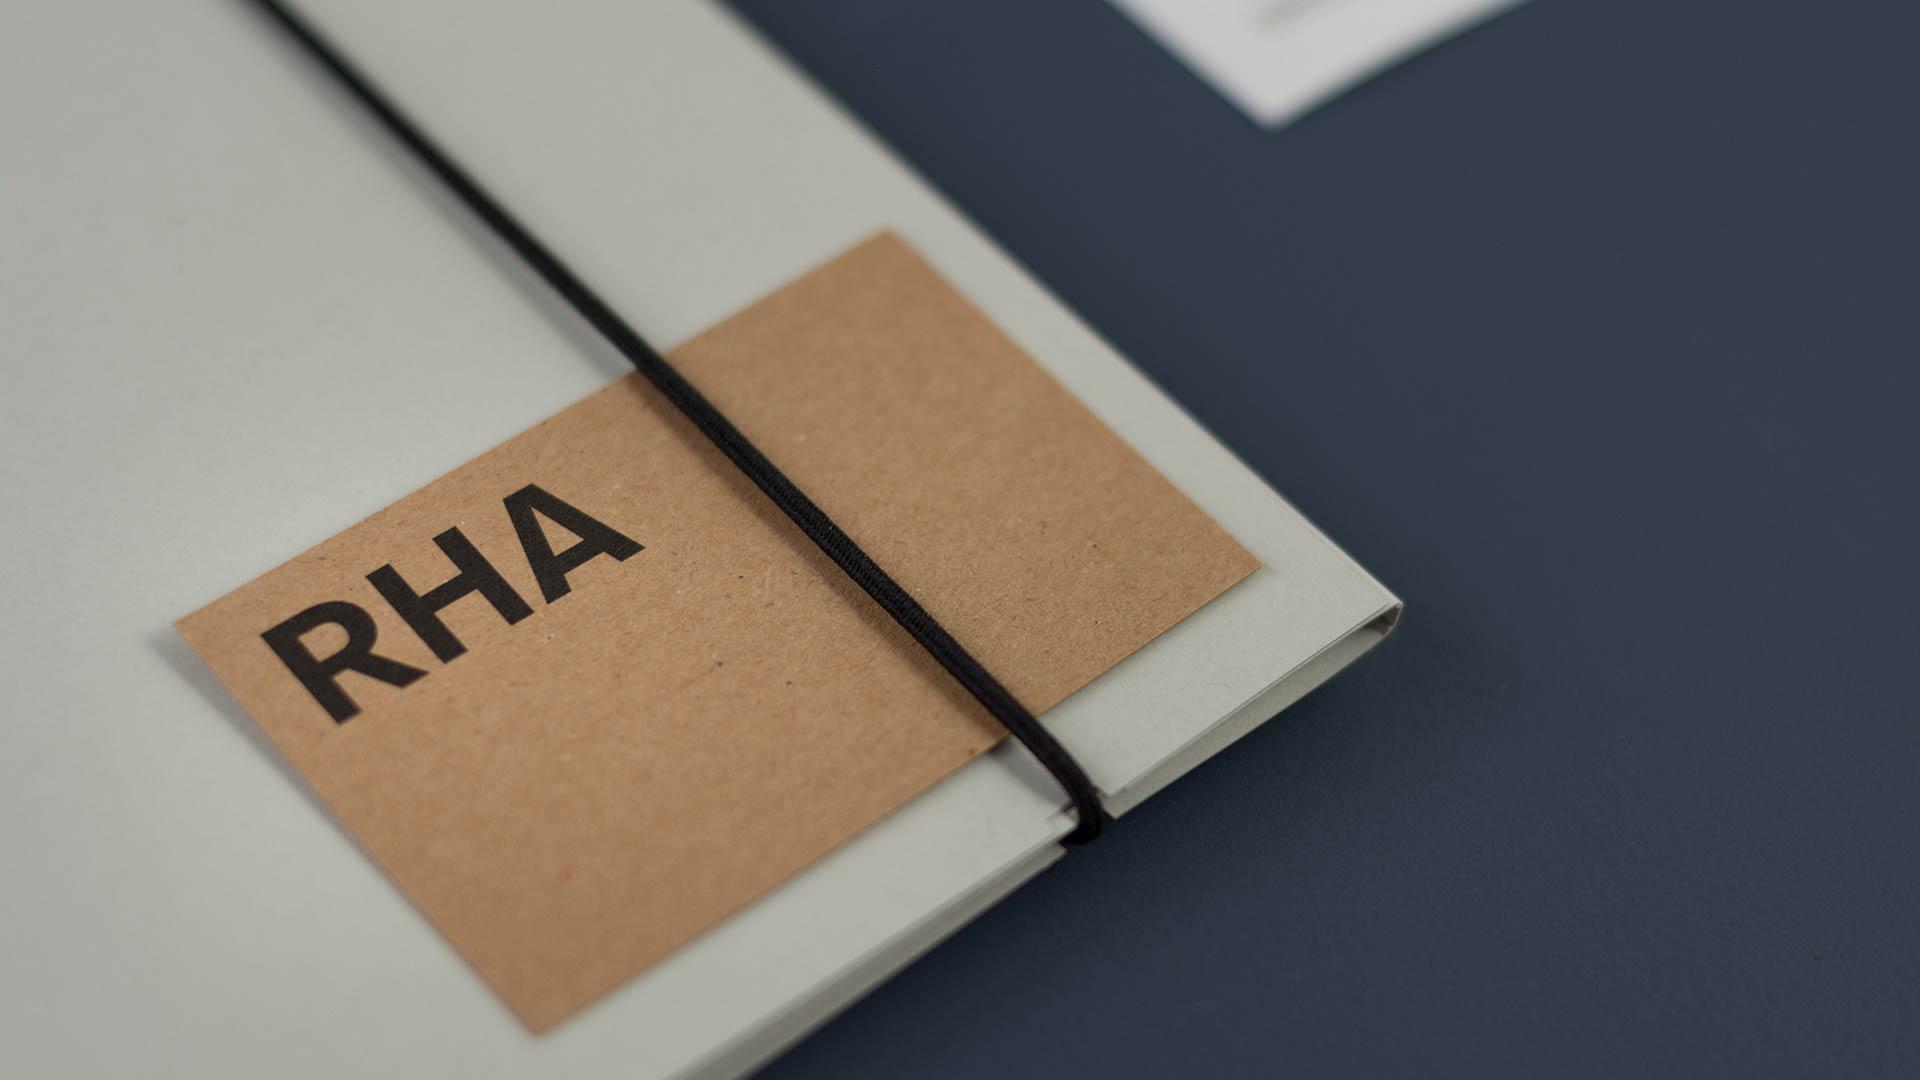 equipe-visuelle-luzern-emmenbruecke-roman-hutter-architektur-rha-corporate-webdesign